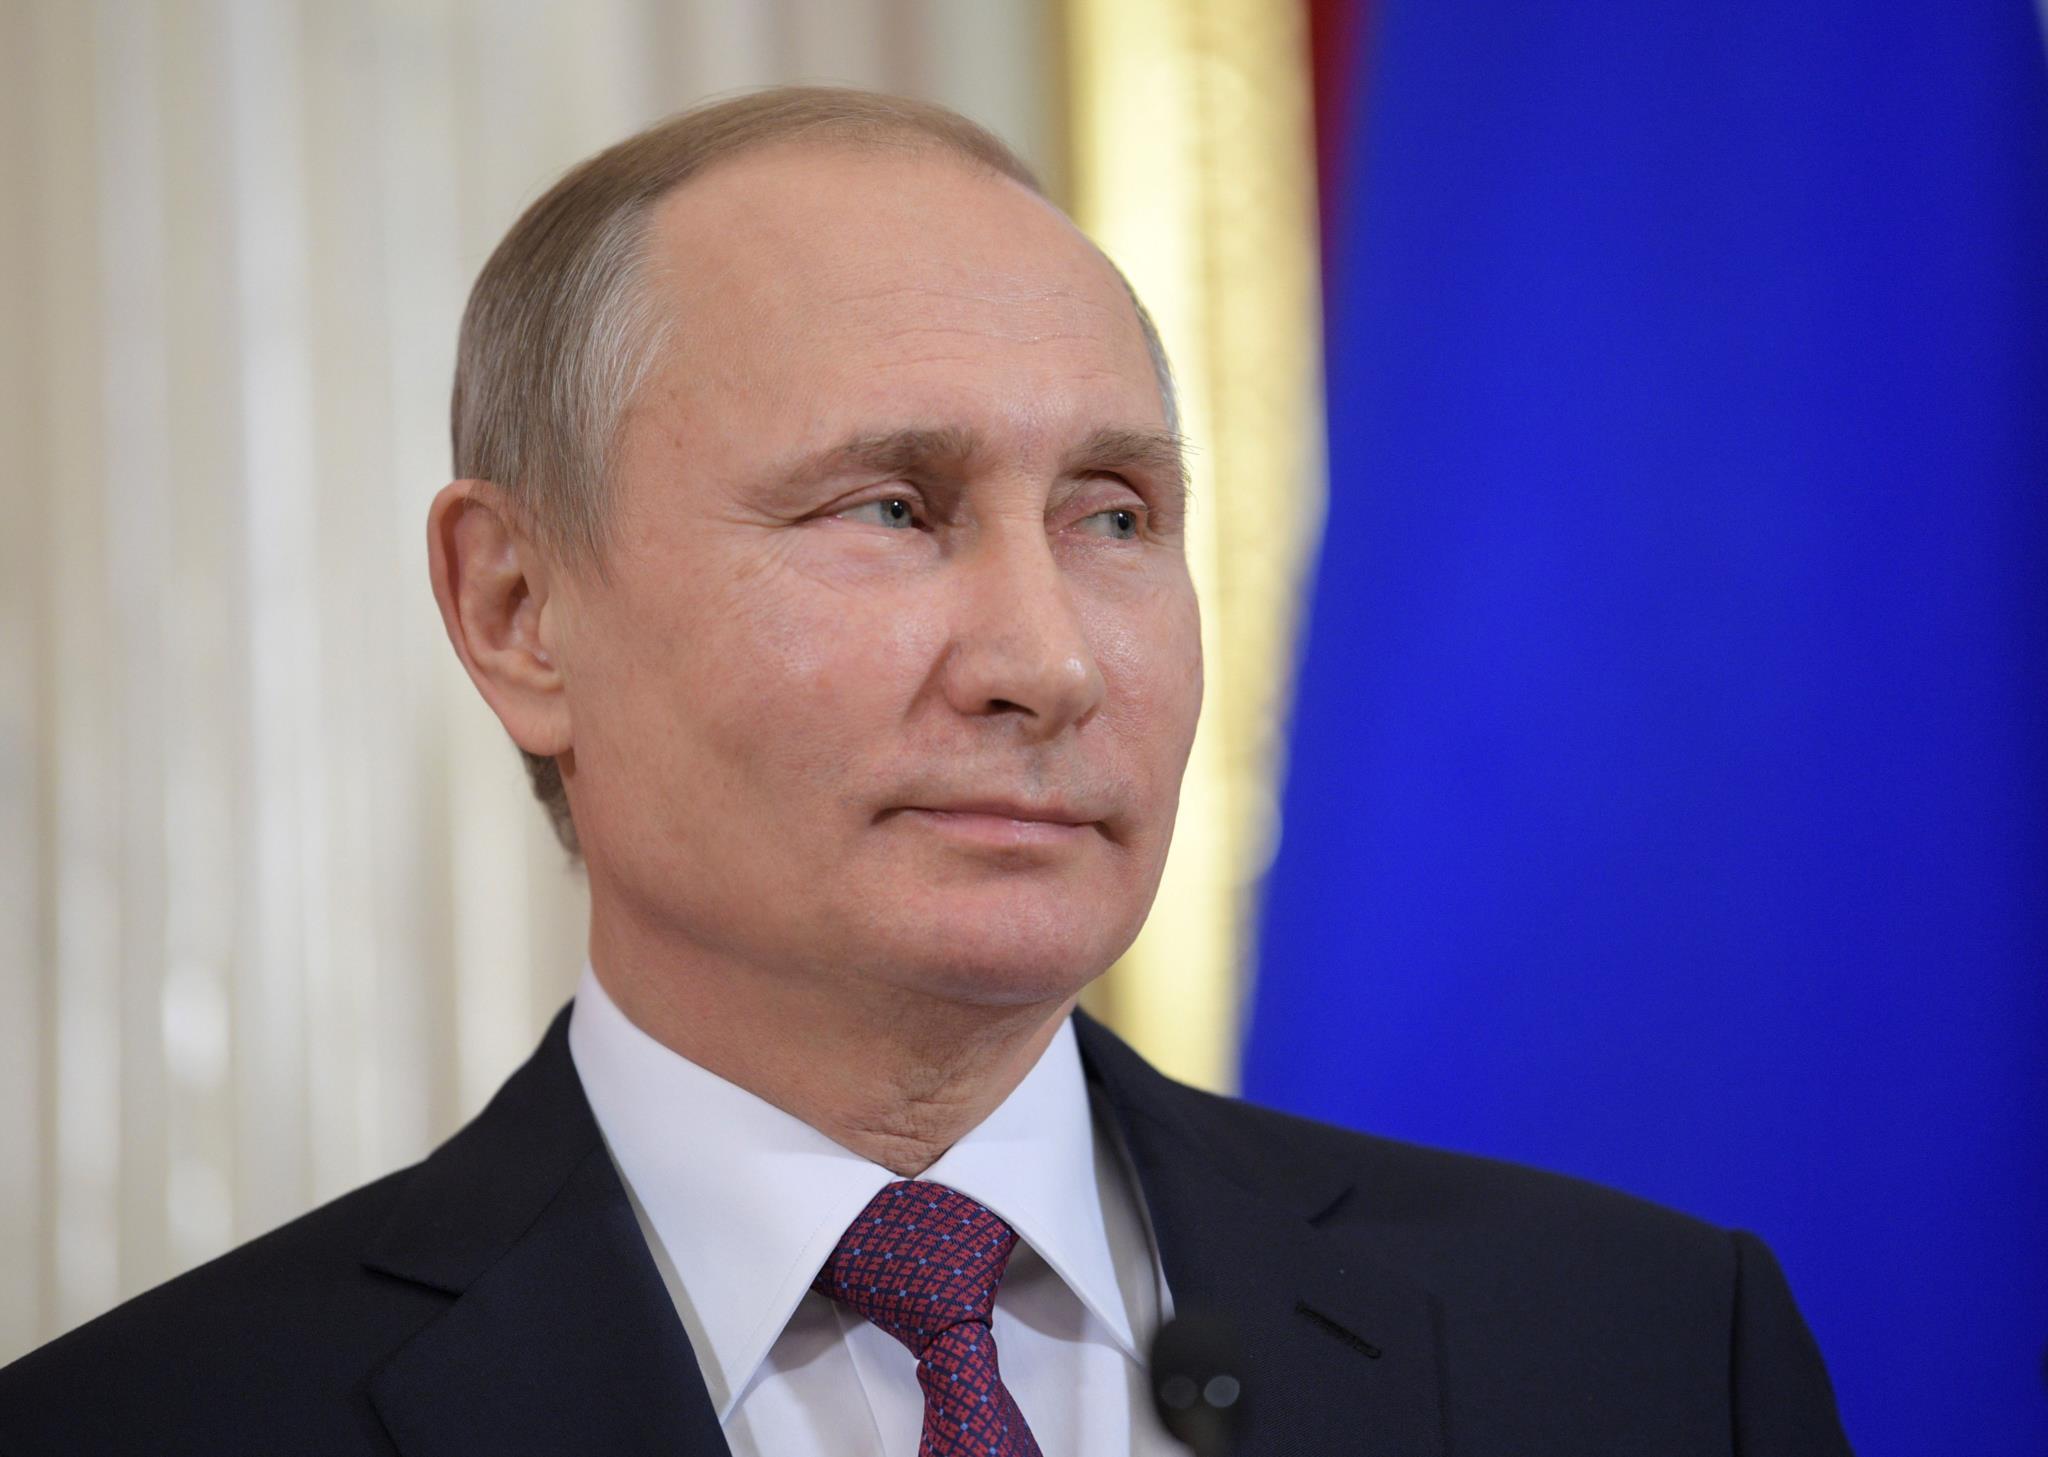 O Presidente russo, nesta terça-feira, falou pela primeira vez sobre o relatório das agências dos EUA